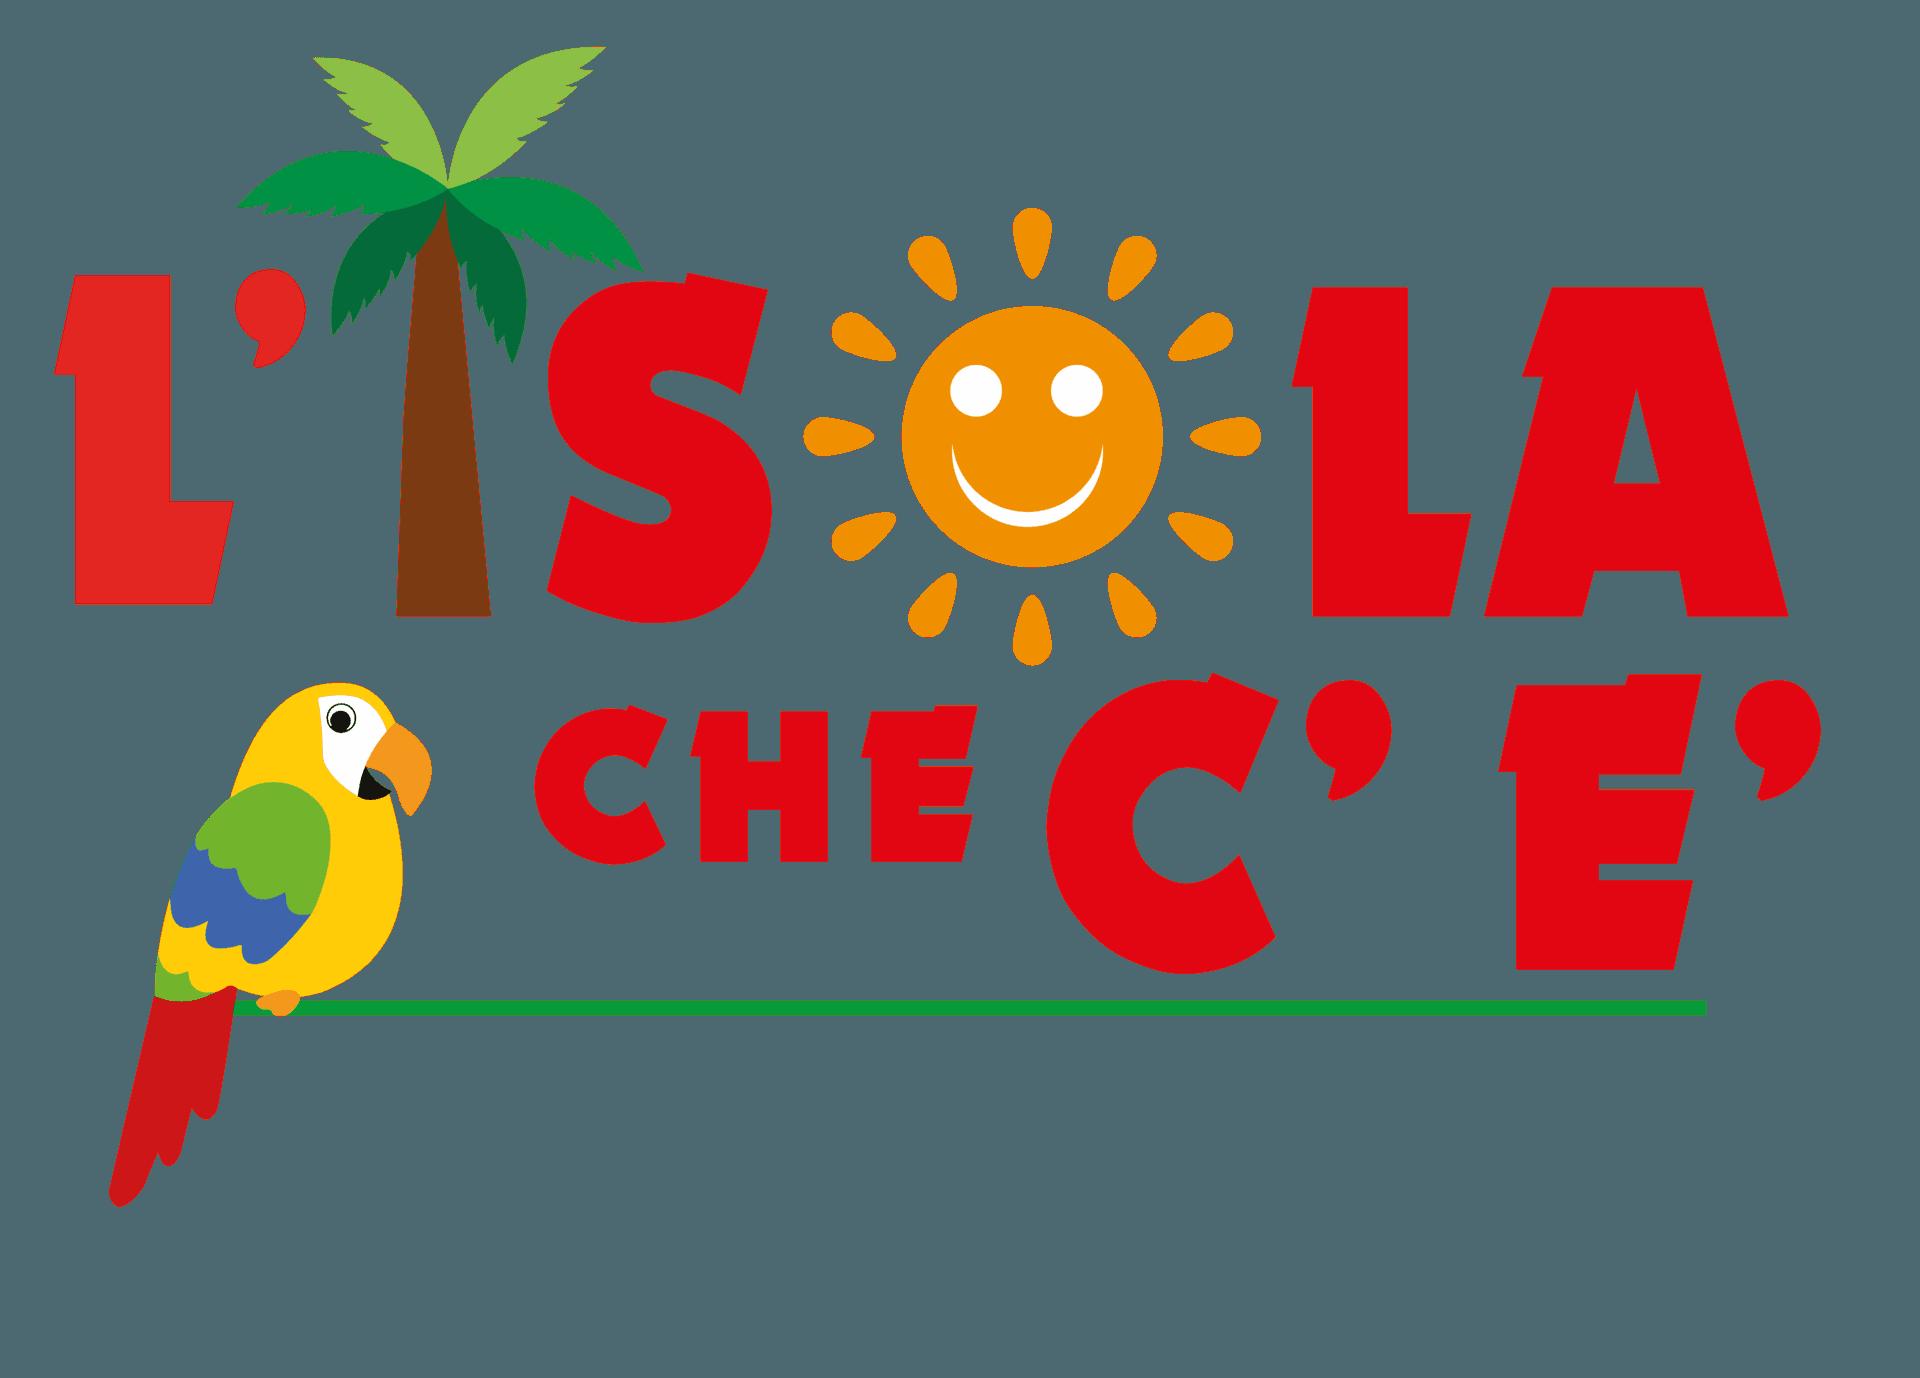 L'ISOLA CHE C'È-logo